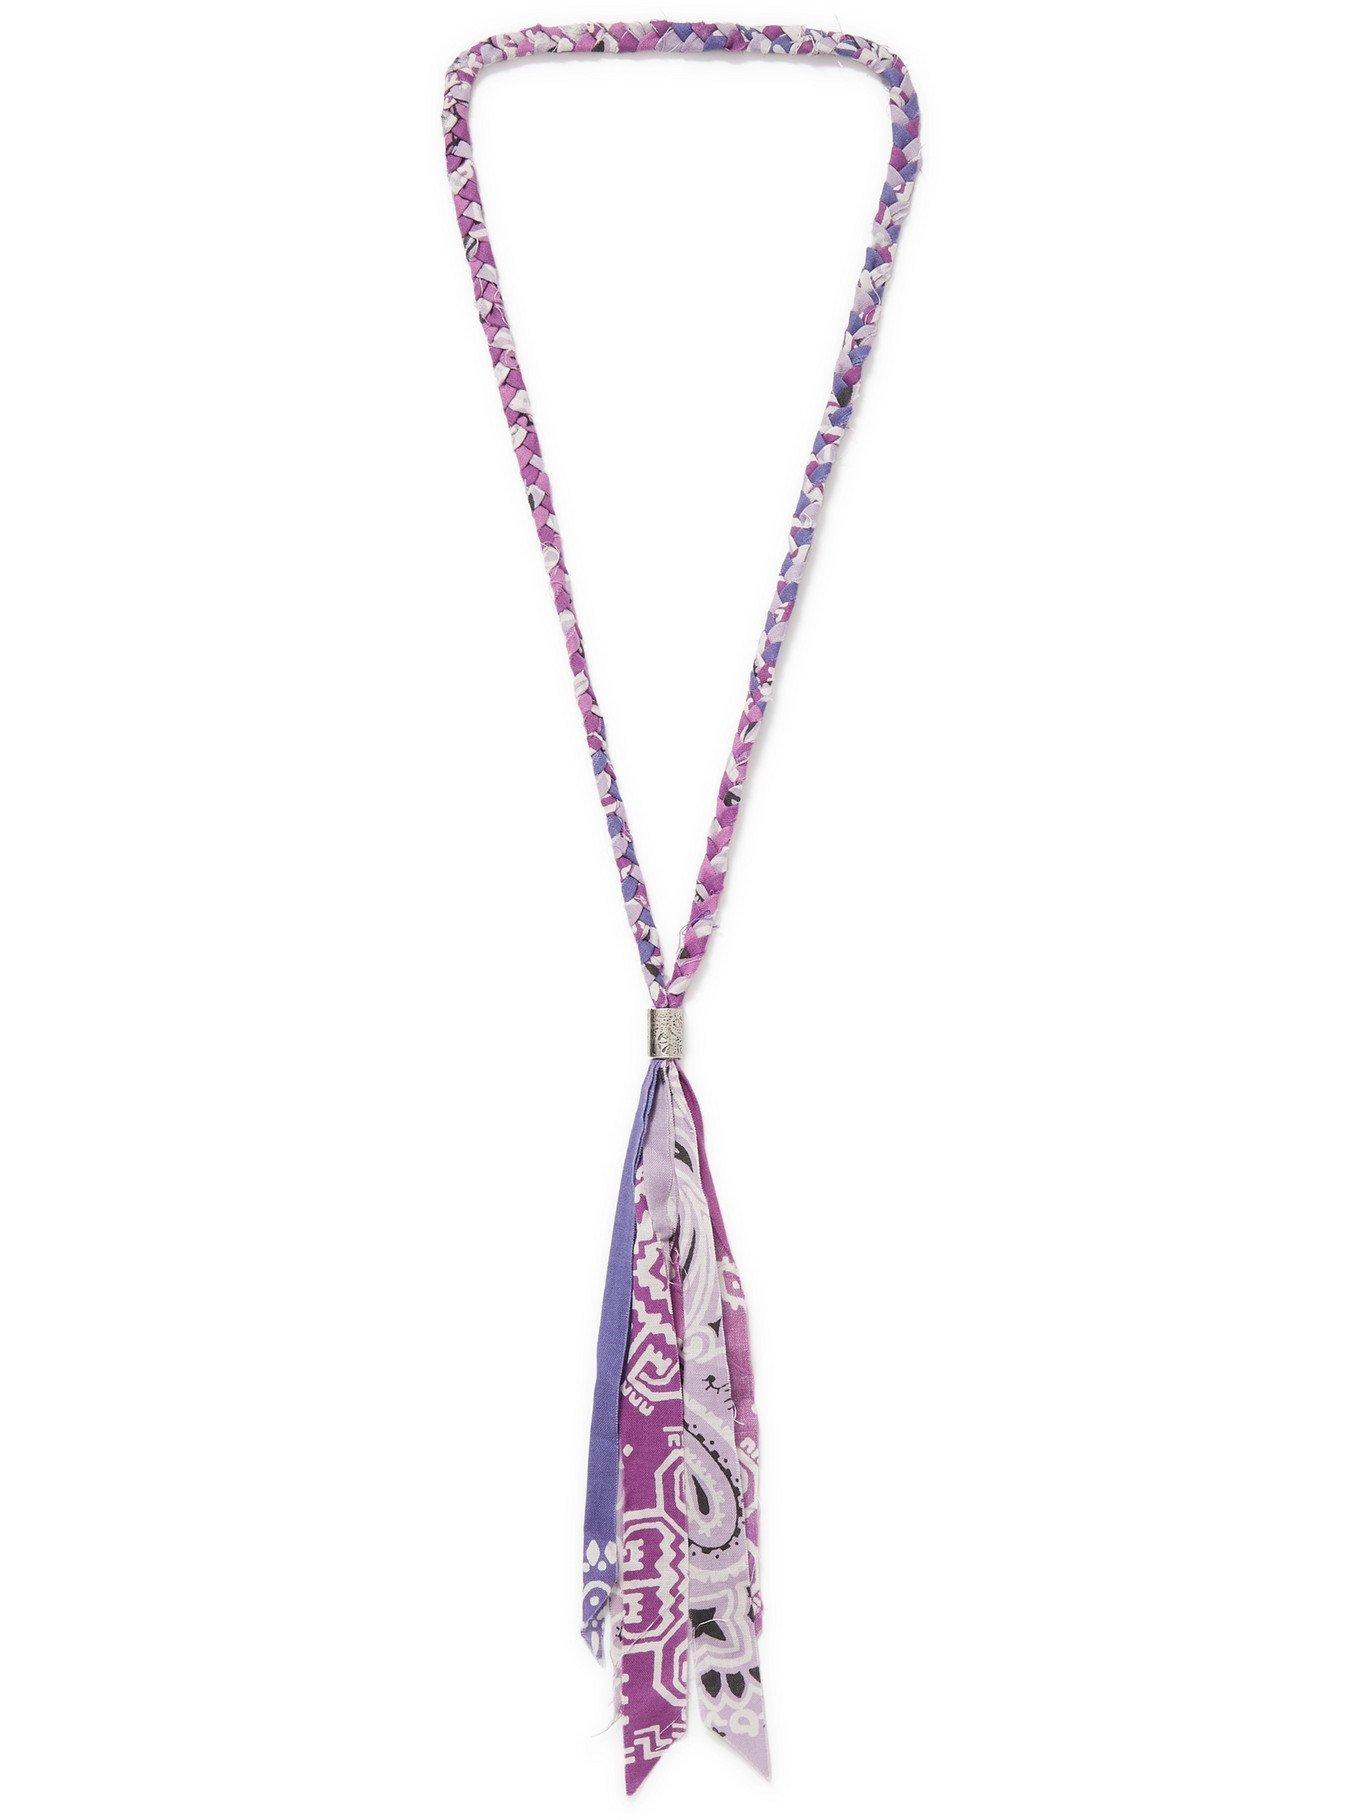 KAPITAL - Fringed Bandana-Print Cotton-Gauze Necklace - Purple